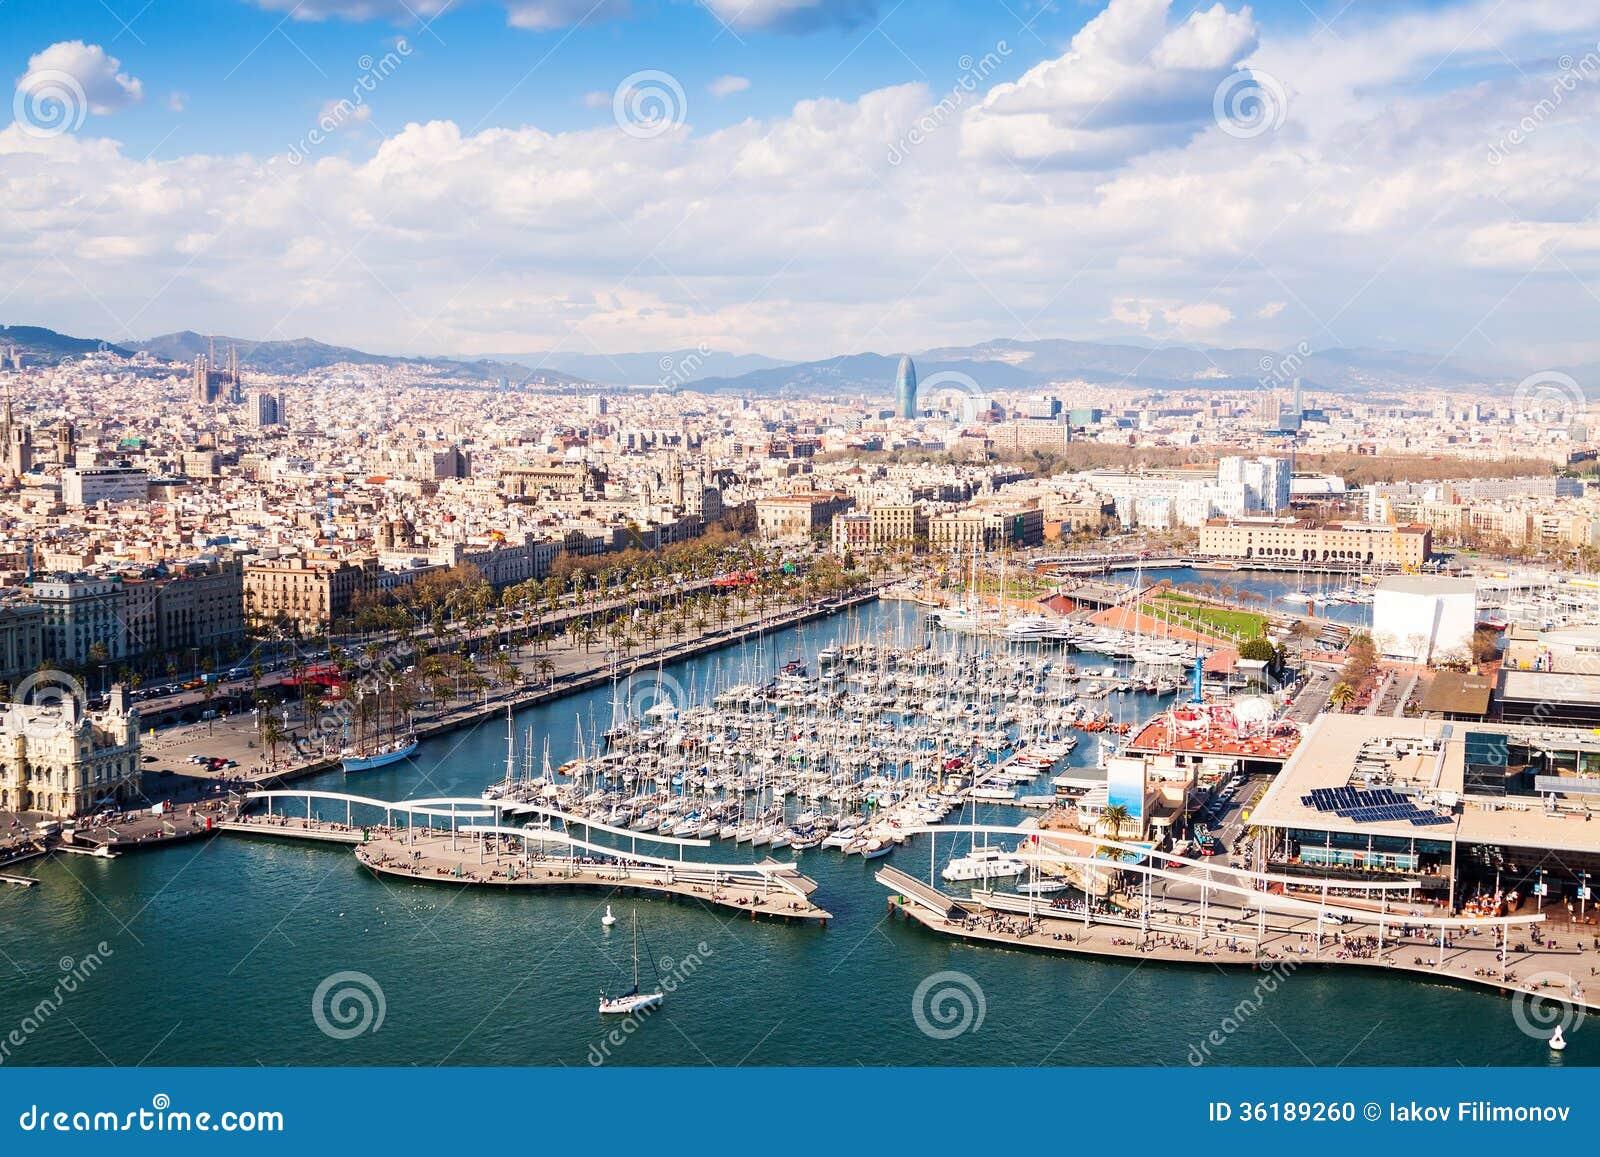 Vista aérea de la ciudad de Barcelona con el puerto Vell